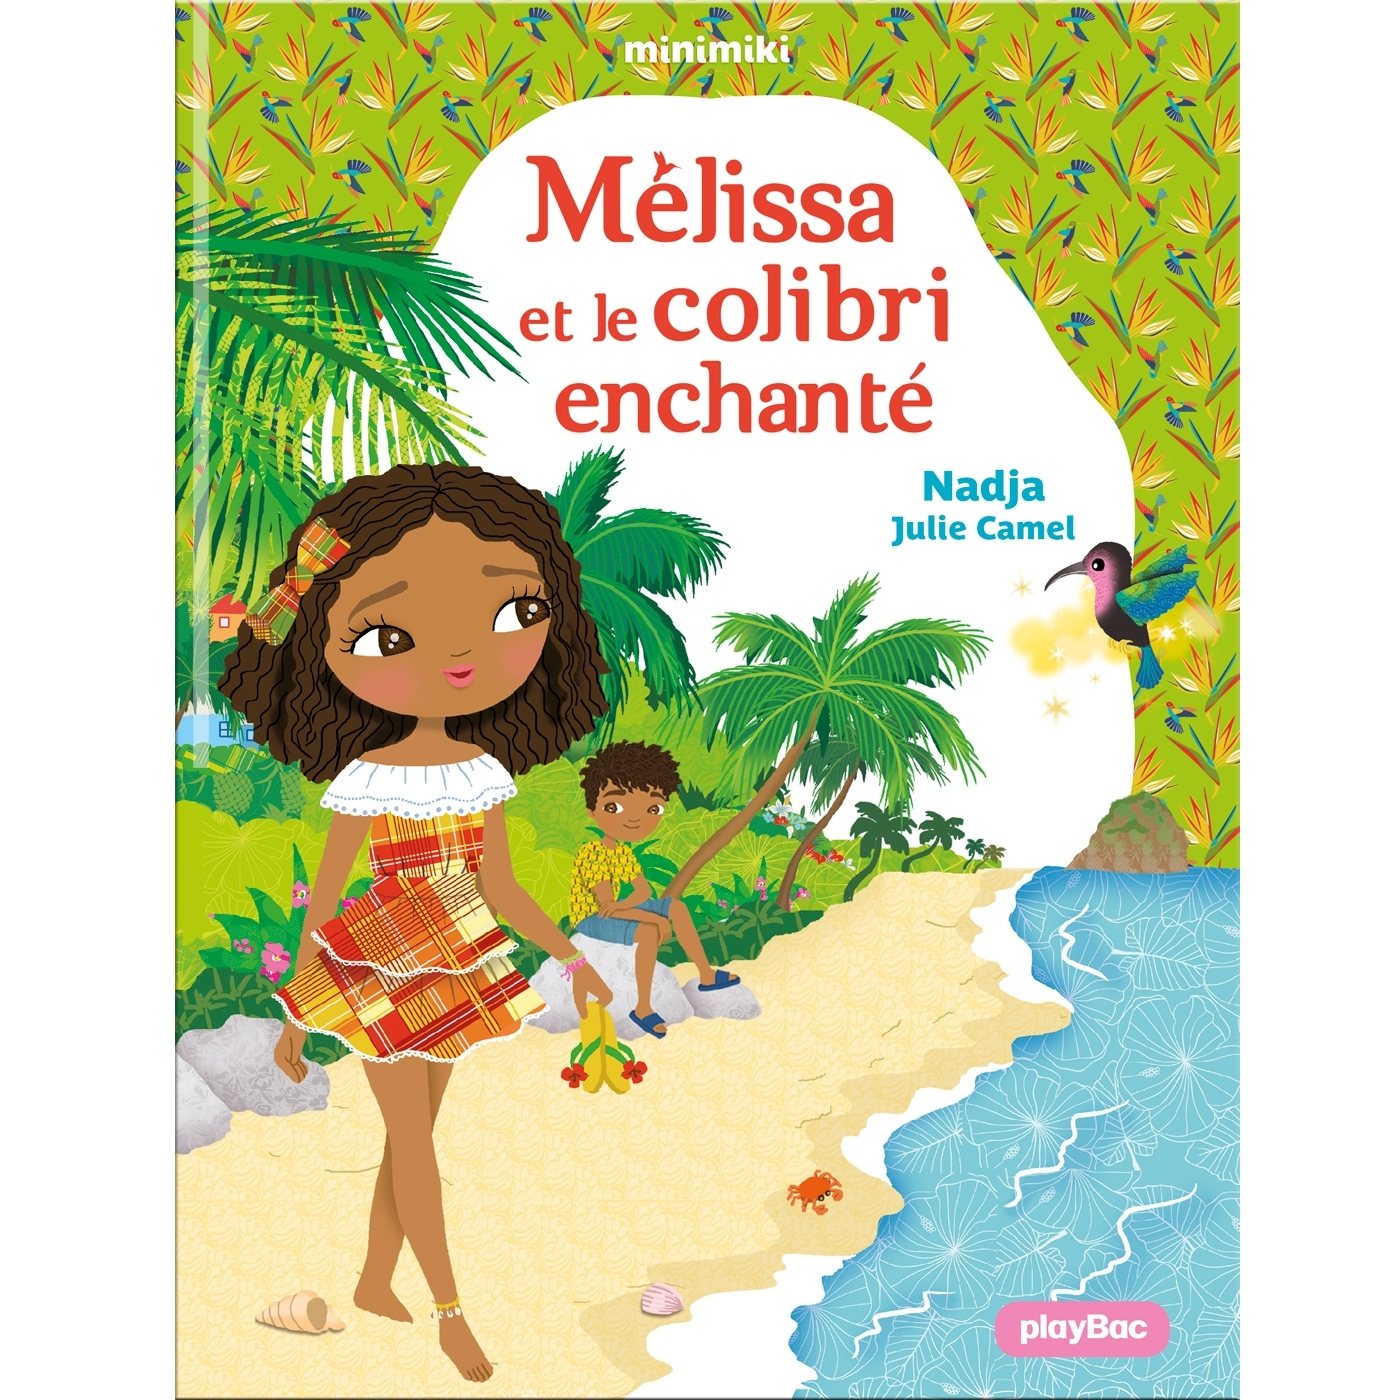 MINIMIKI - MELISSA ET LE COLIBRI ENCHANTE - TOME 31